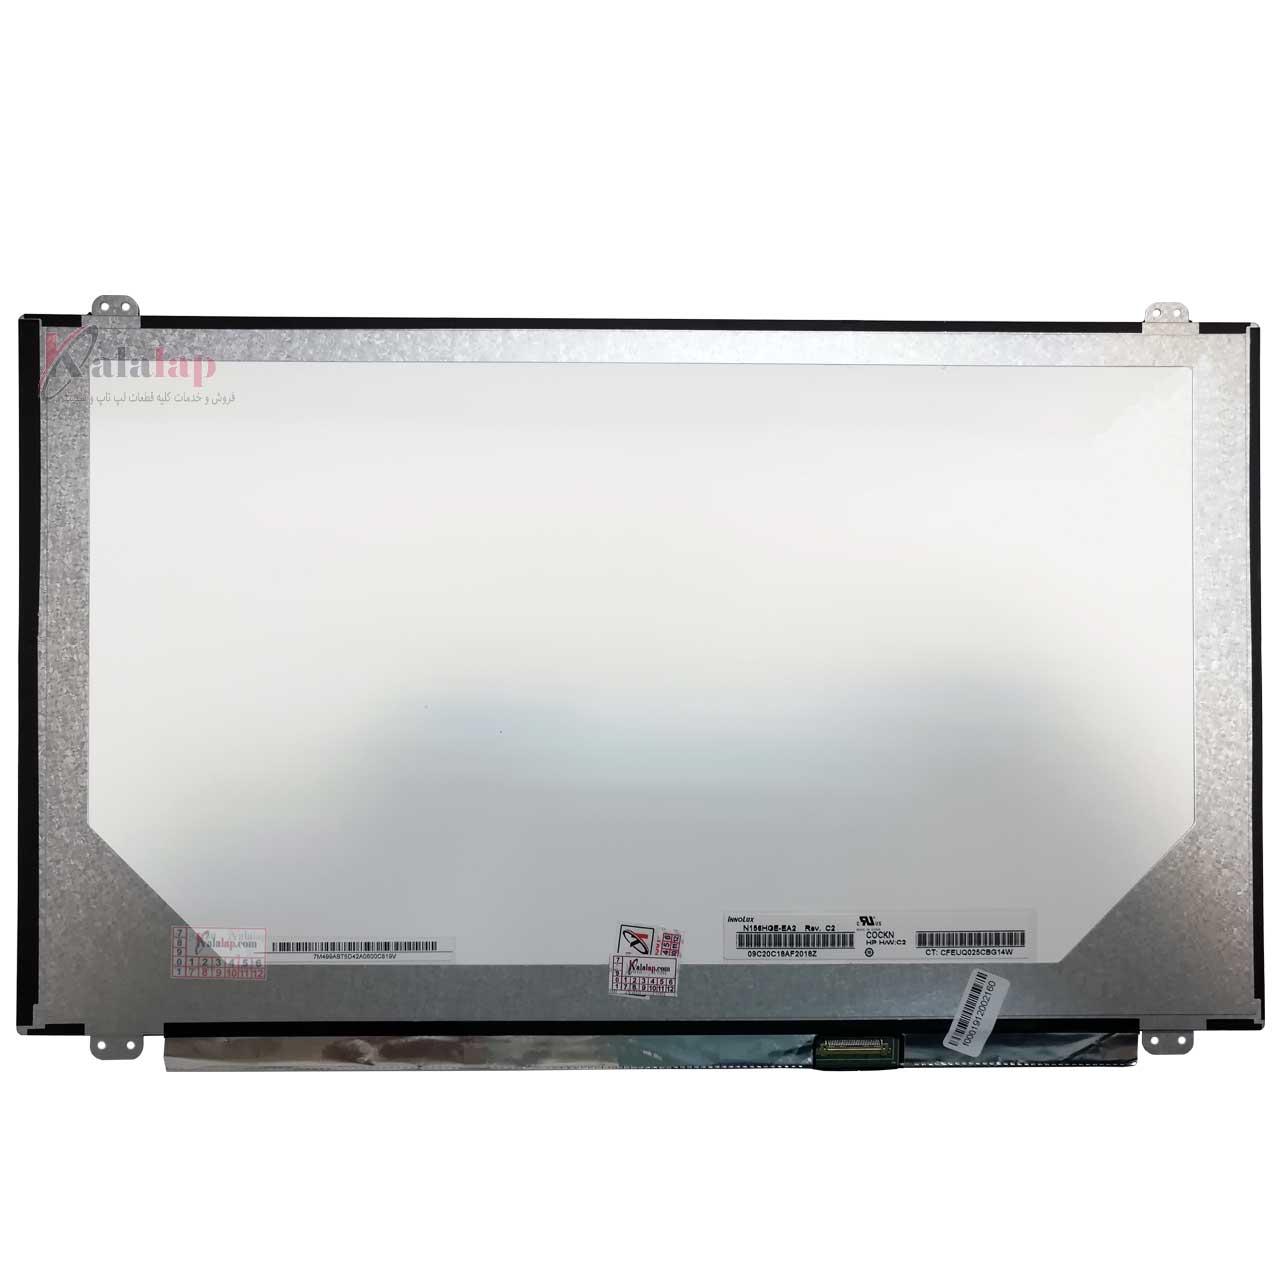 ال ای دی لپ تاپ LED LAPTOP 15.6 SLIM 30PIN